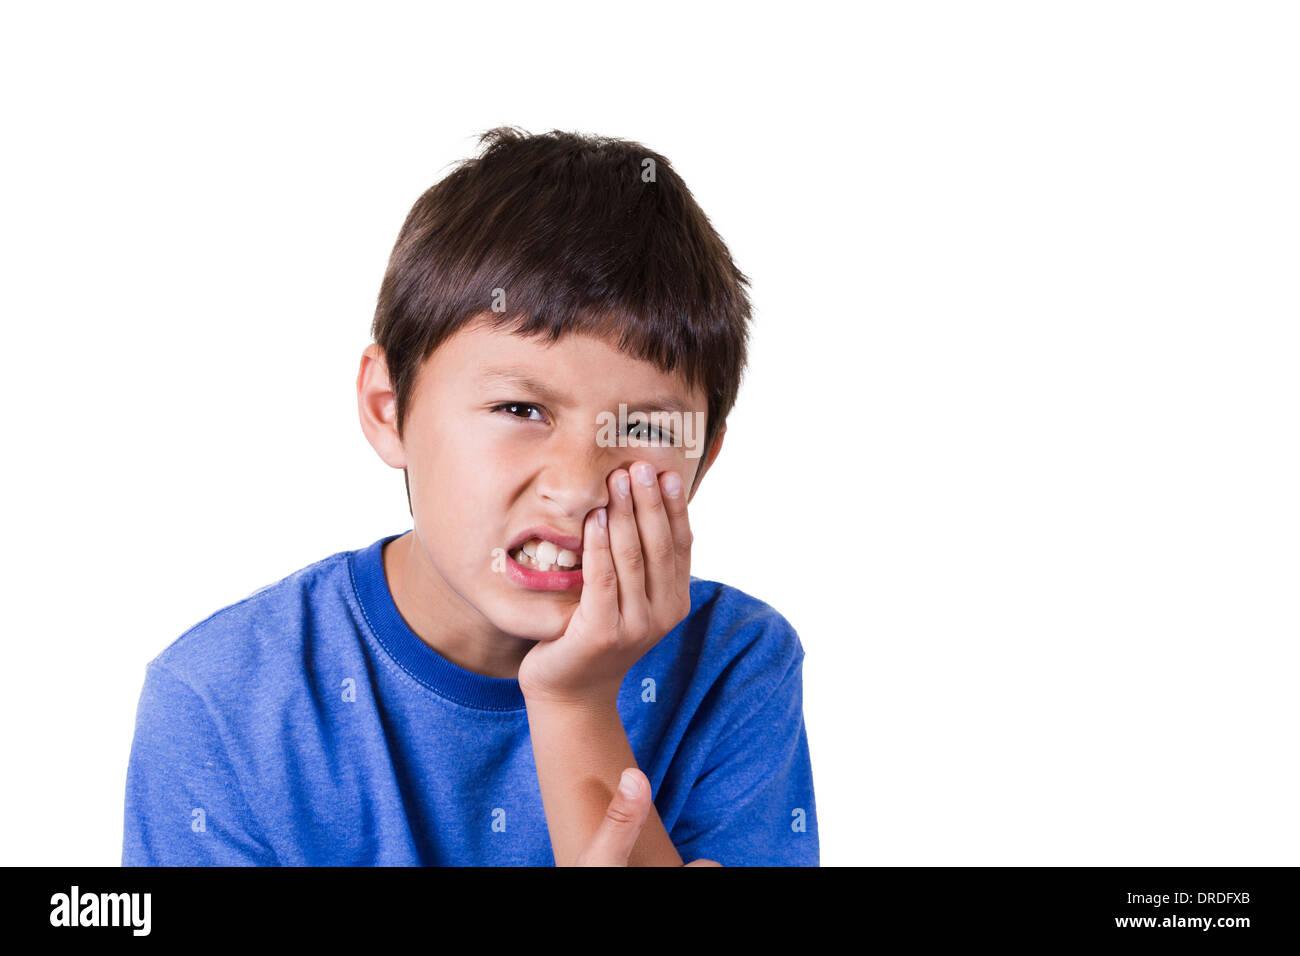 Junge mit Zahnschmerzen - auf weißem Hintergrund Stockbild